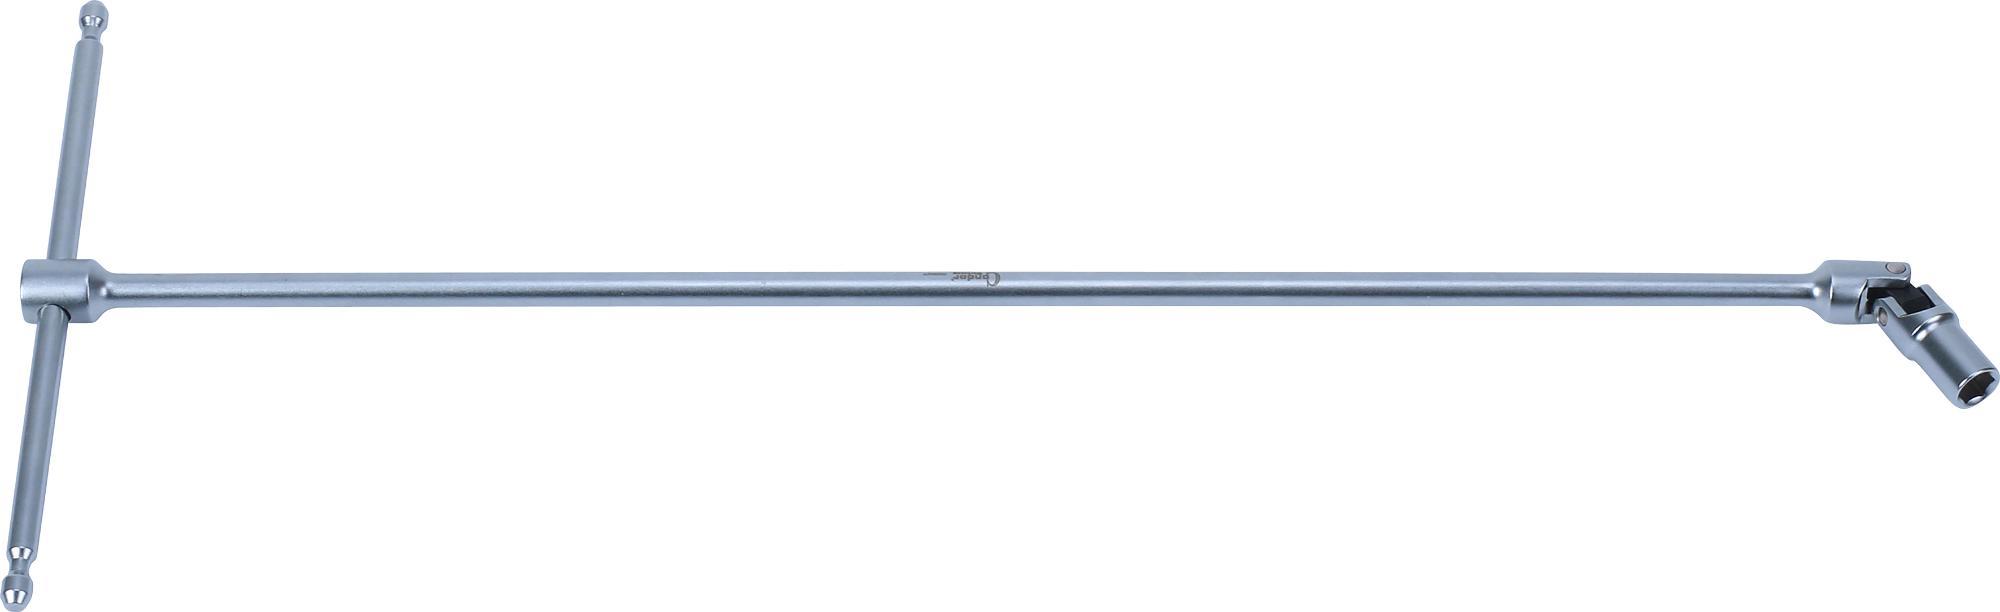 """Kľúč """"T"""" s kĺbom, 395 mm, 6-hran 7 mm"""